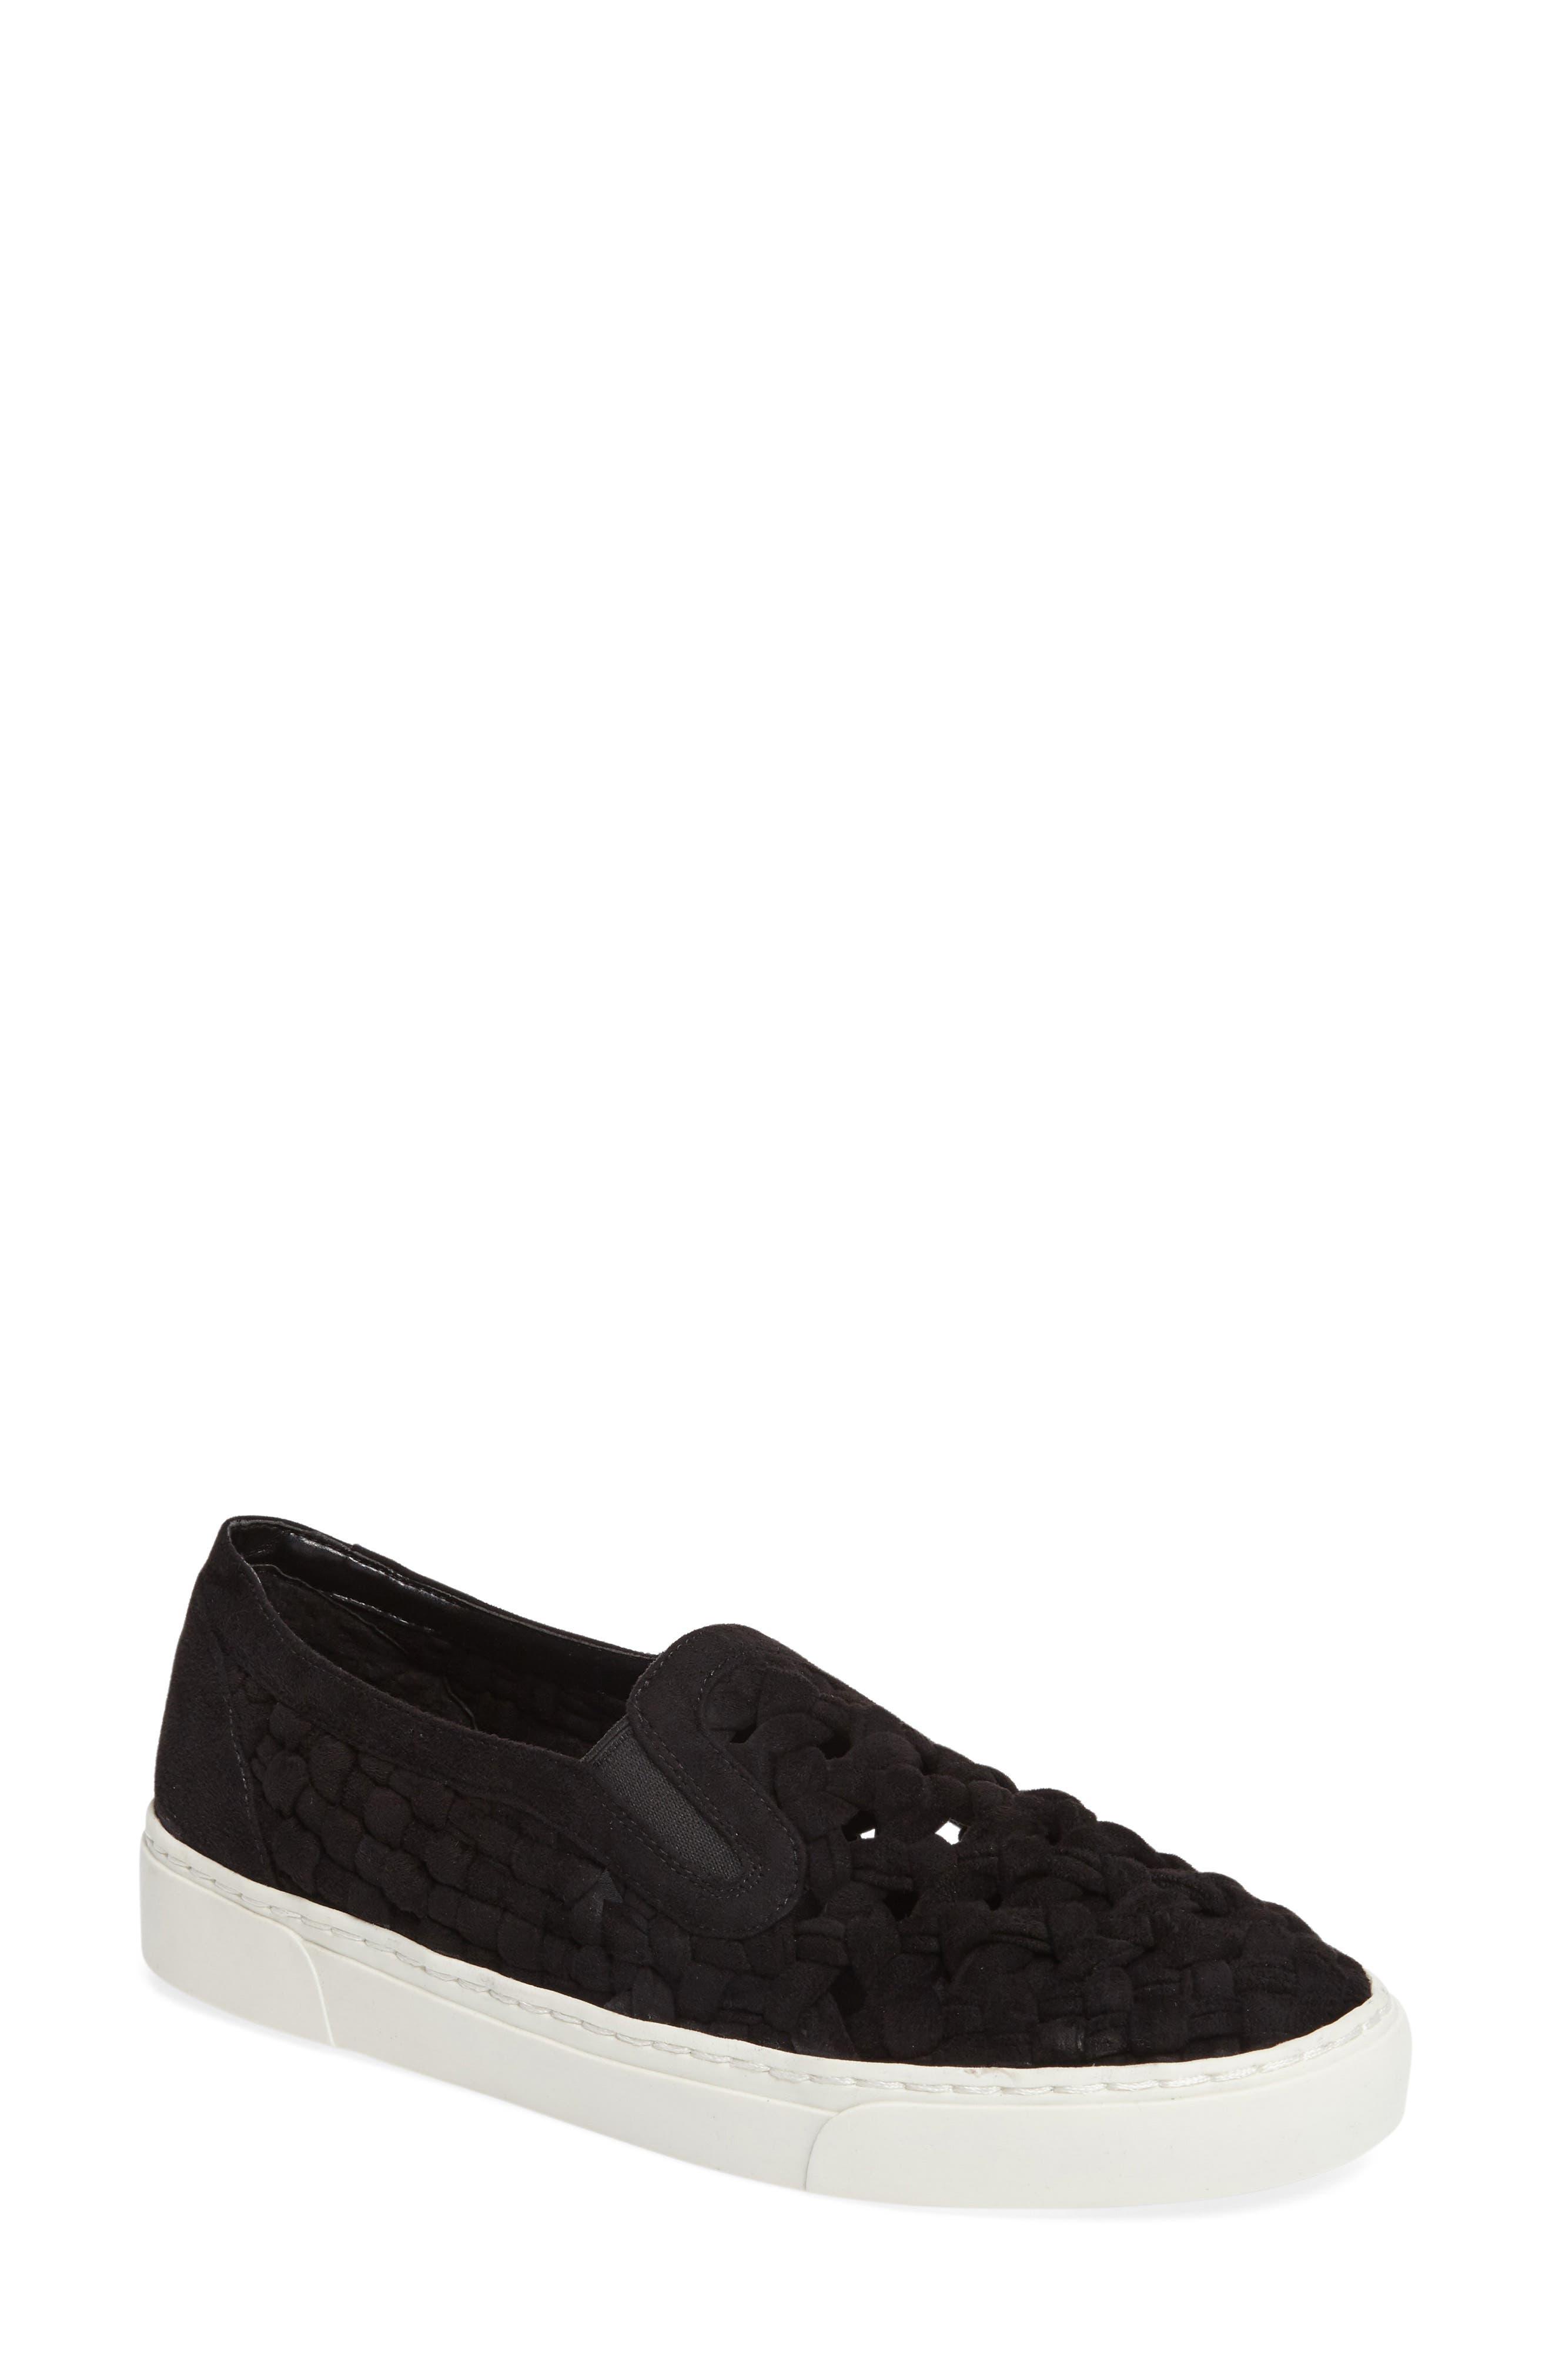 Delphin Braided Slip-On Sneaker,                             Main thumbnail 1, color,                             001